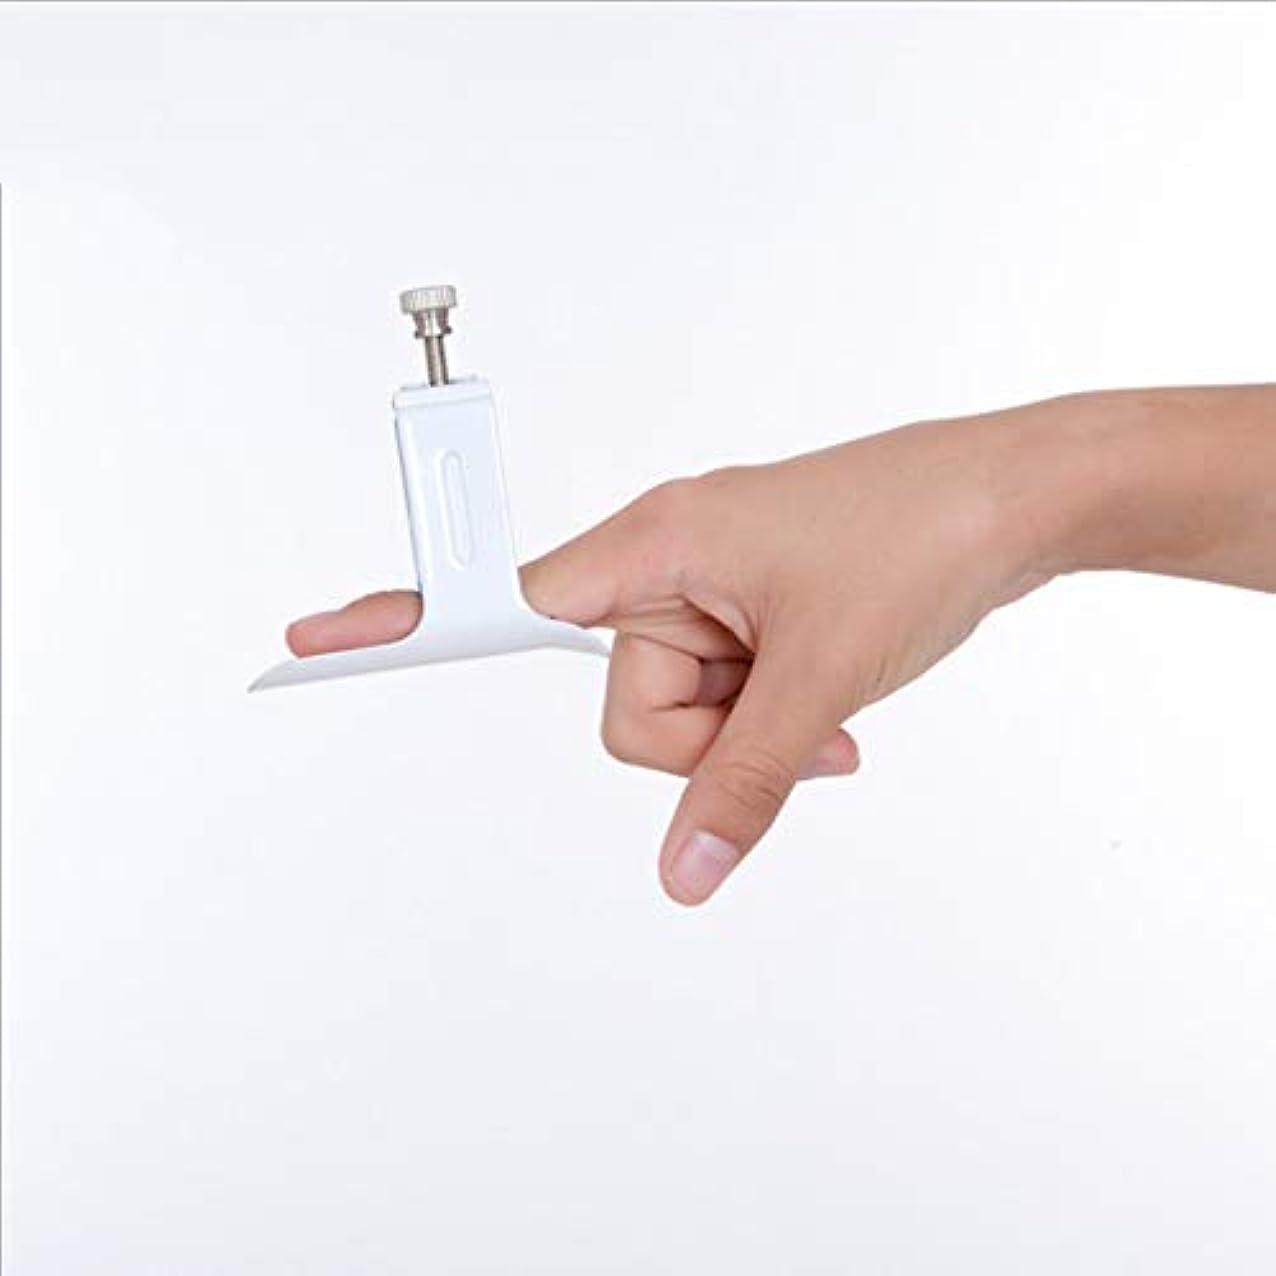 押し下げる暗くする喪指の延長副木、手指の傷害のホールダーの副木矯正器指の拡張指の固定固定されたリハビリテーションの苦痛救助用具の援助